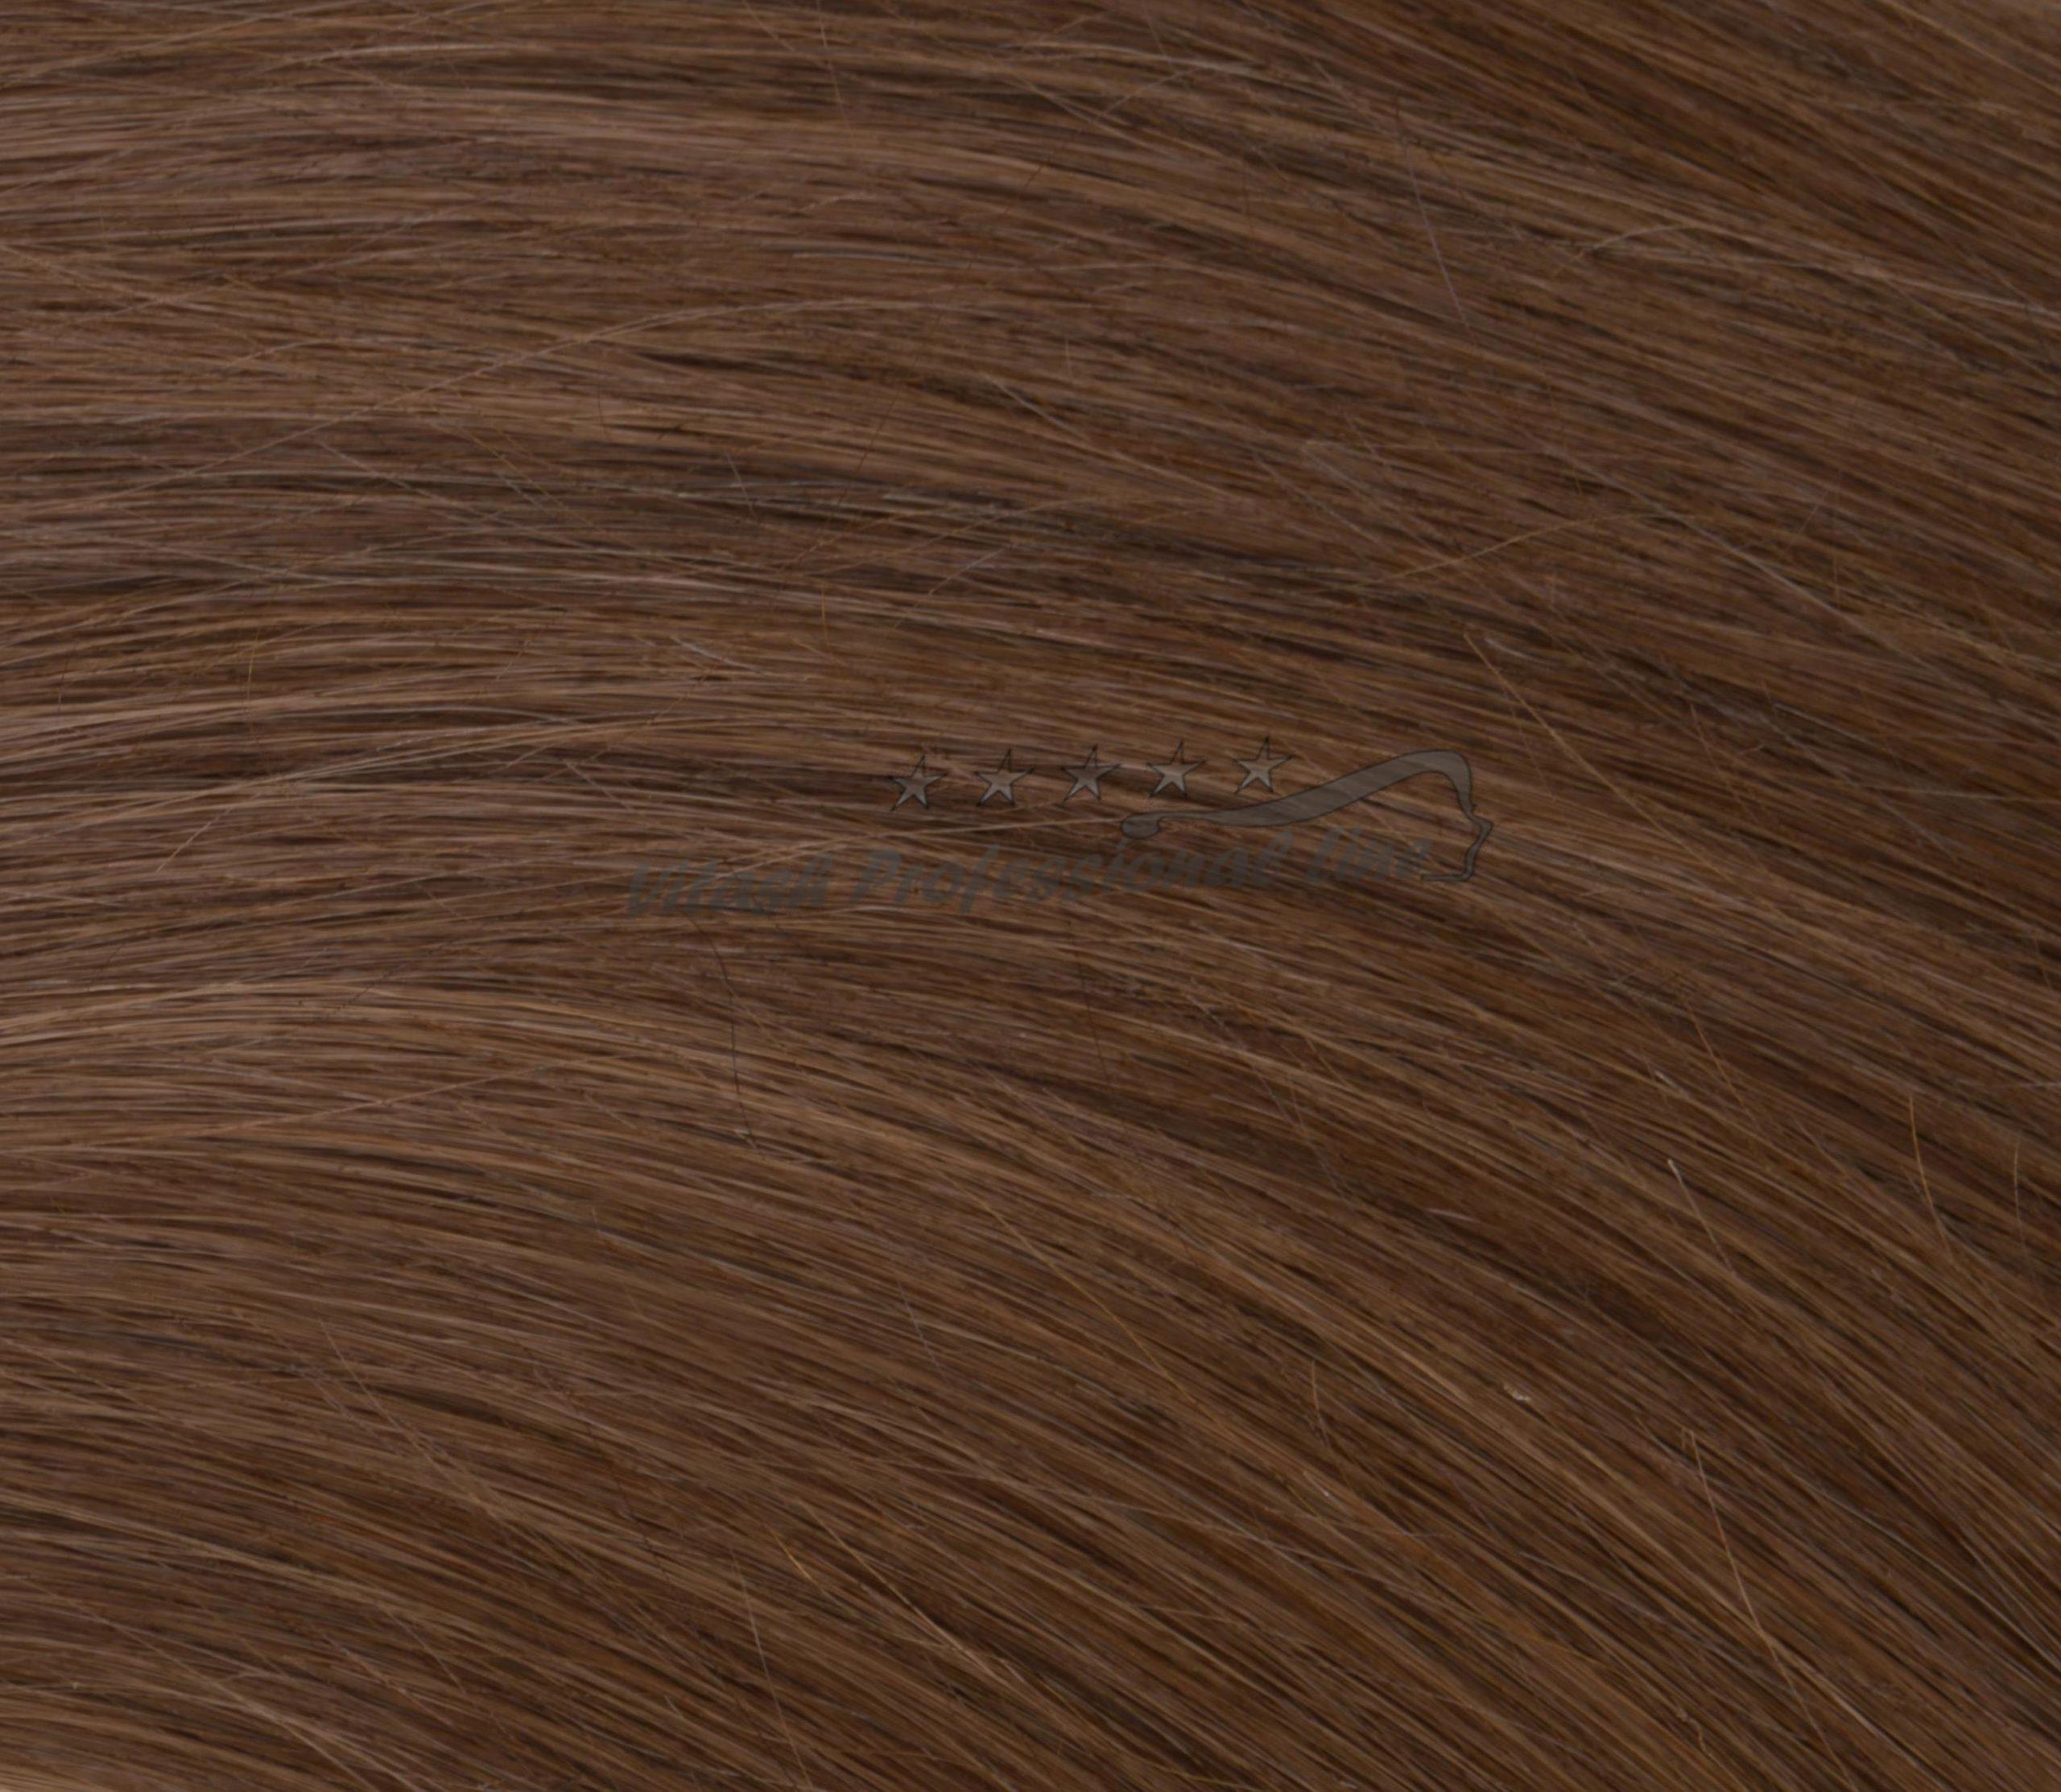 25 REMY indische Echthaar Strähnen - 1 Gramm pro Strähne #6- karamellbraun